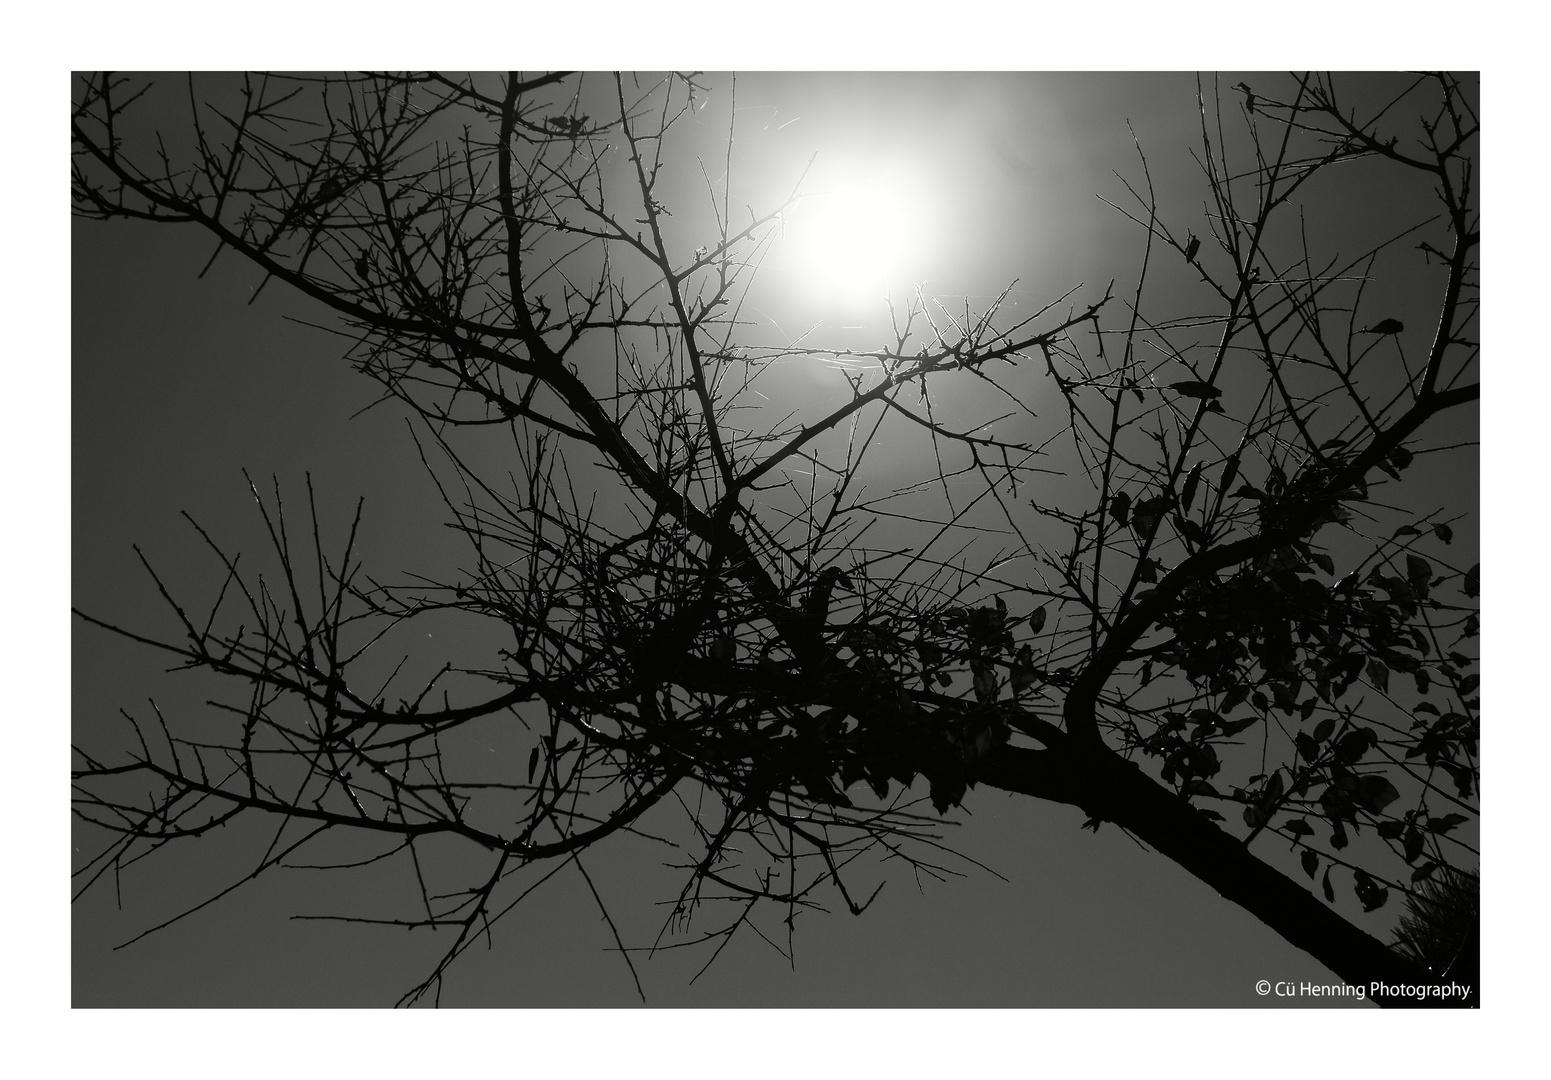 Sun on the tree